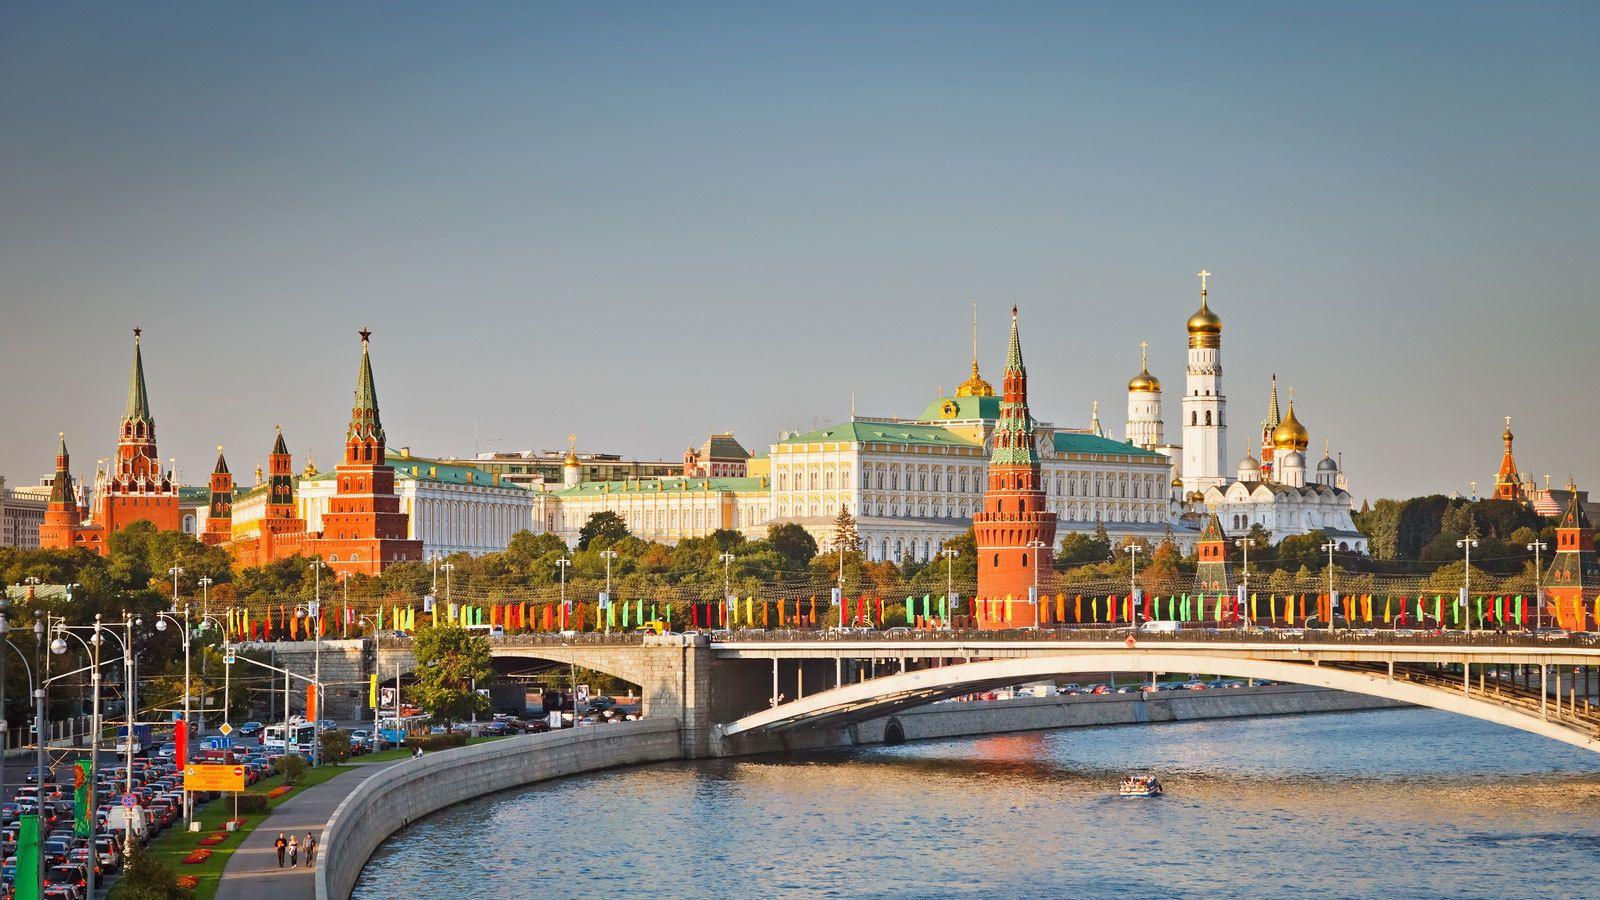 Skyline of the Moscow Kremlin